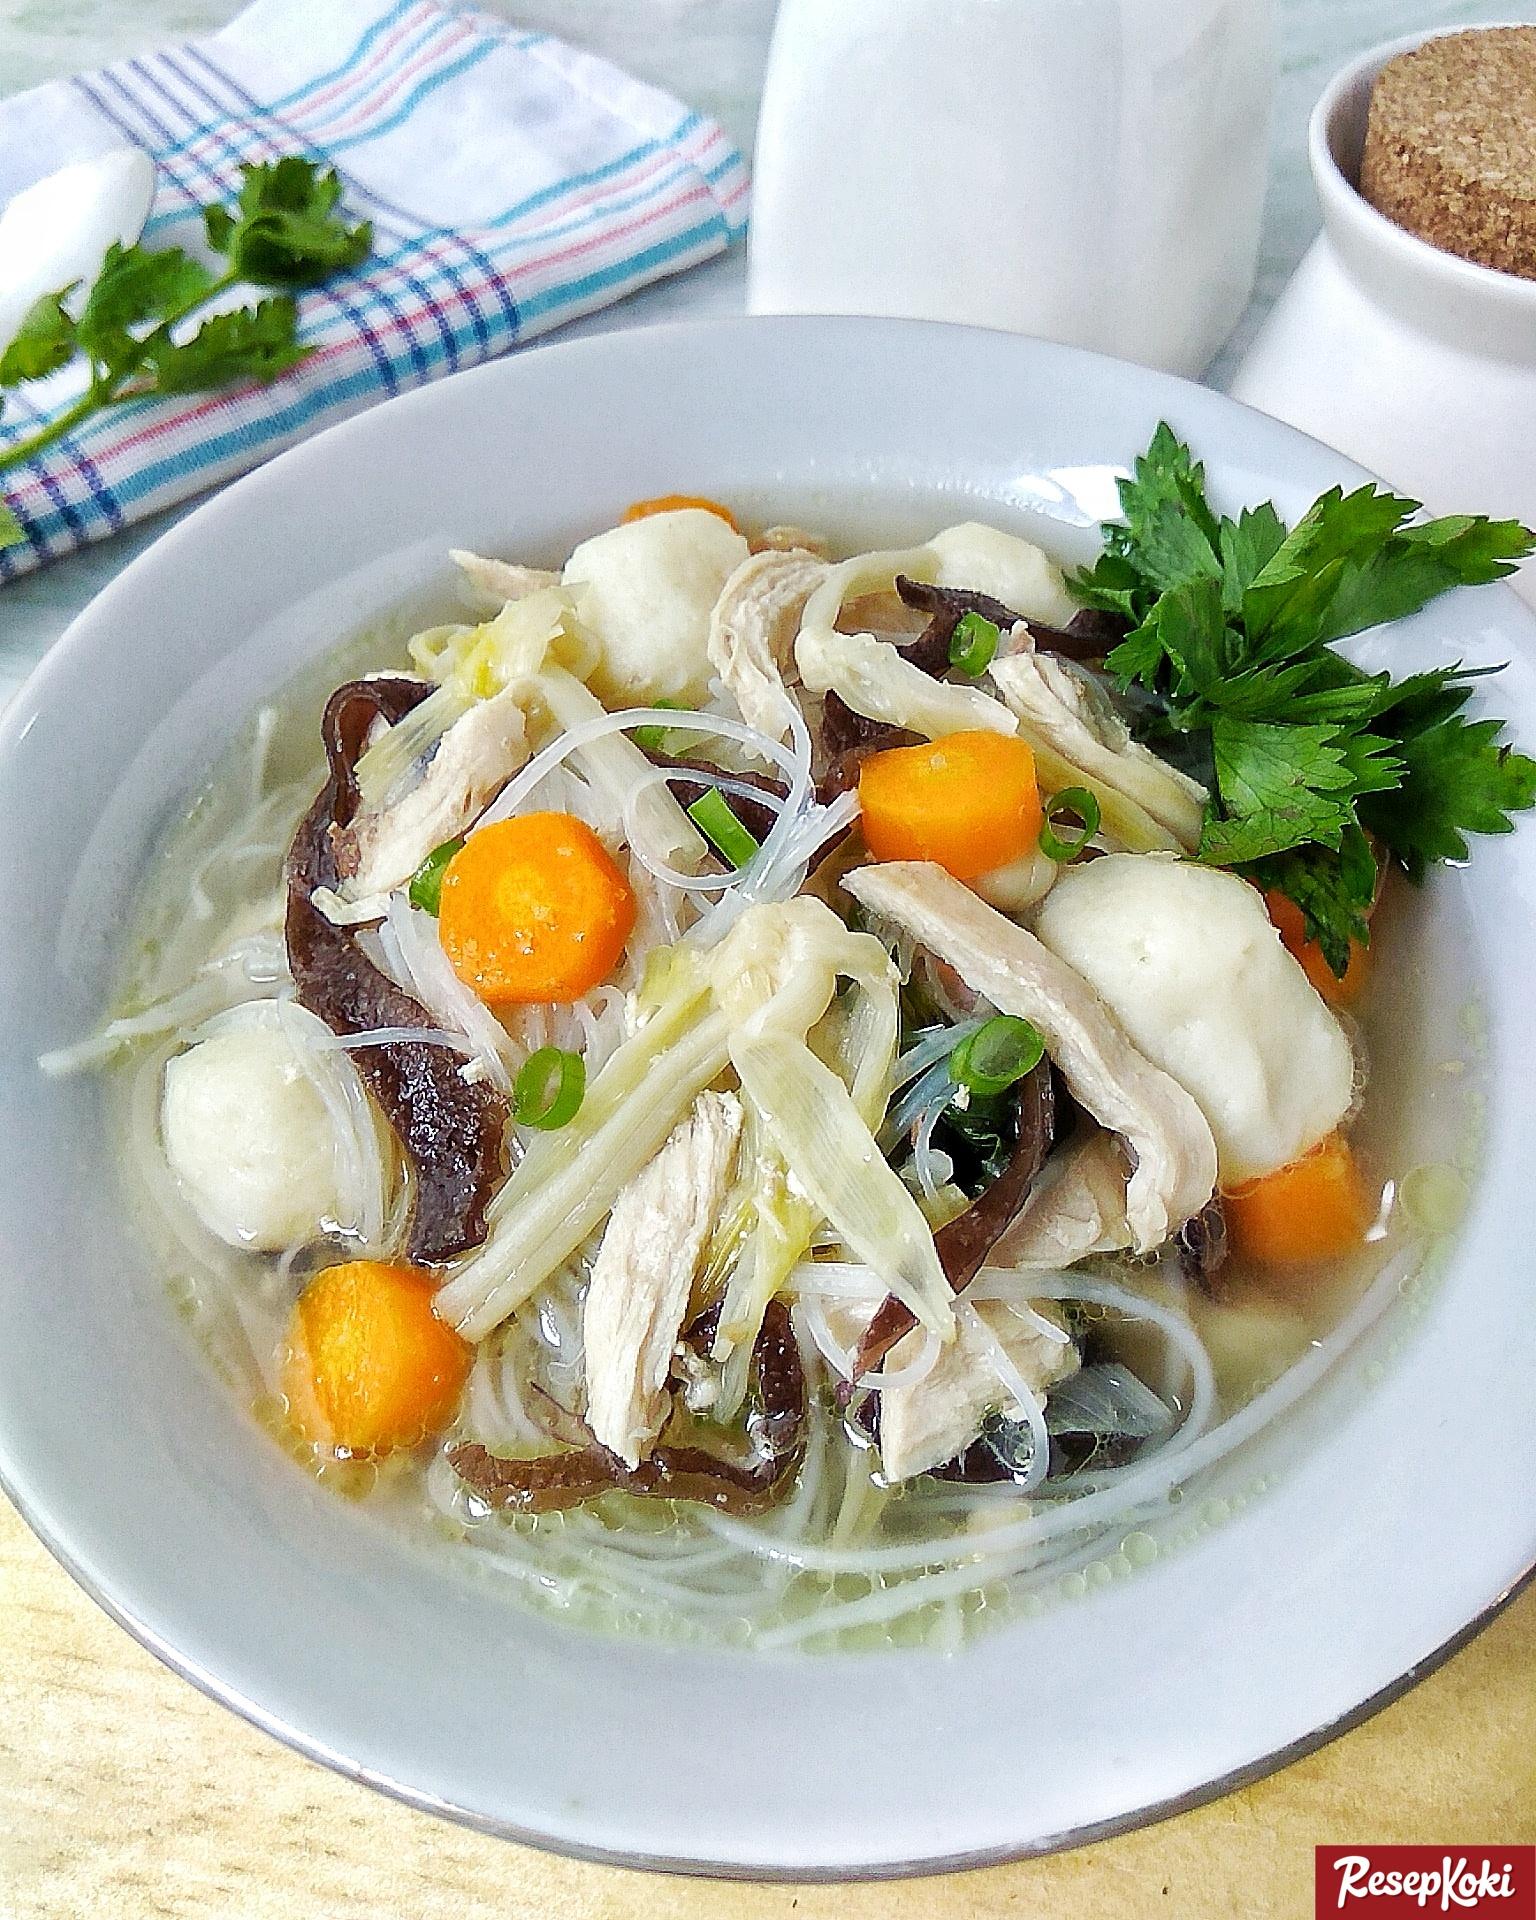 Bumbu resep sayur sop sederhana nikmat » RESEP MASAKAN